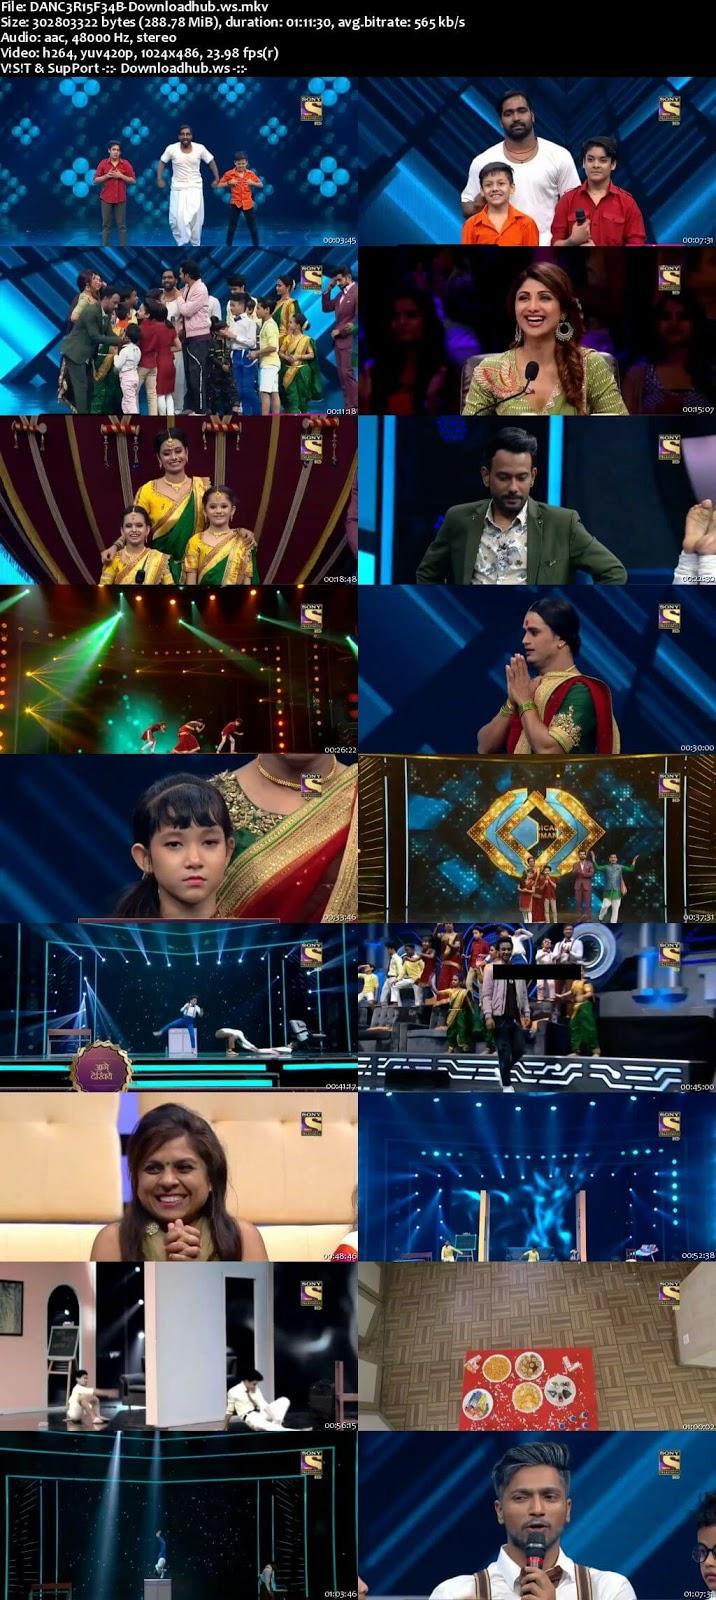 Super Dancer Chapter 2 25 February 2018 Episode 44 HDTV 480p